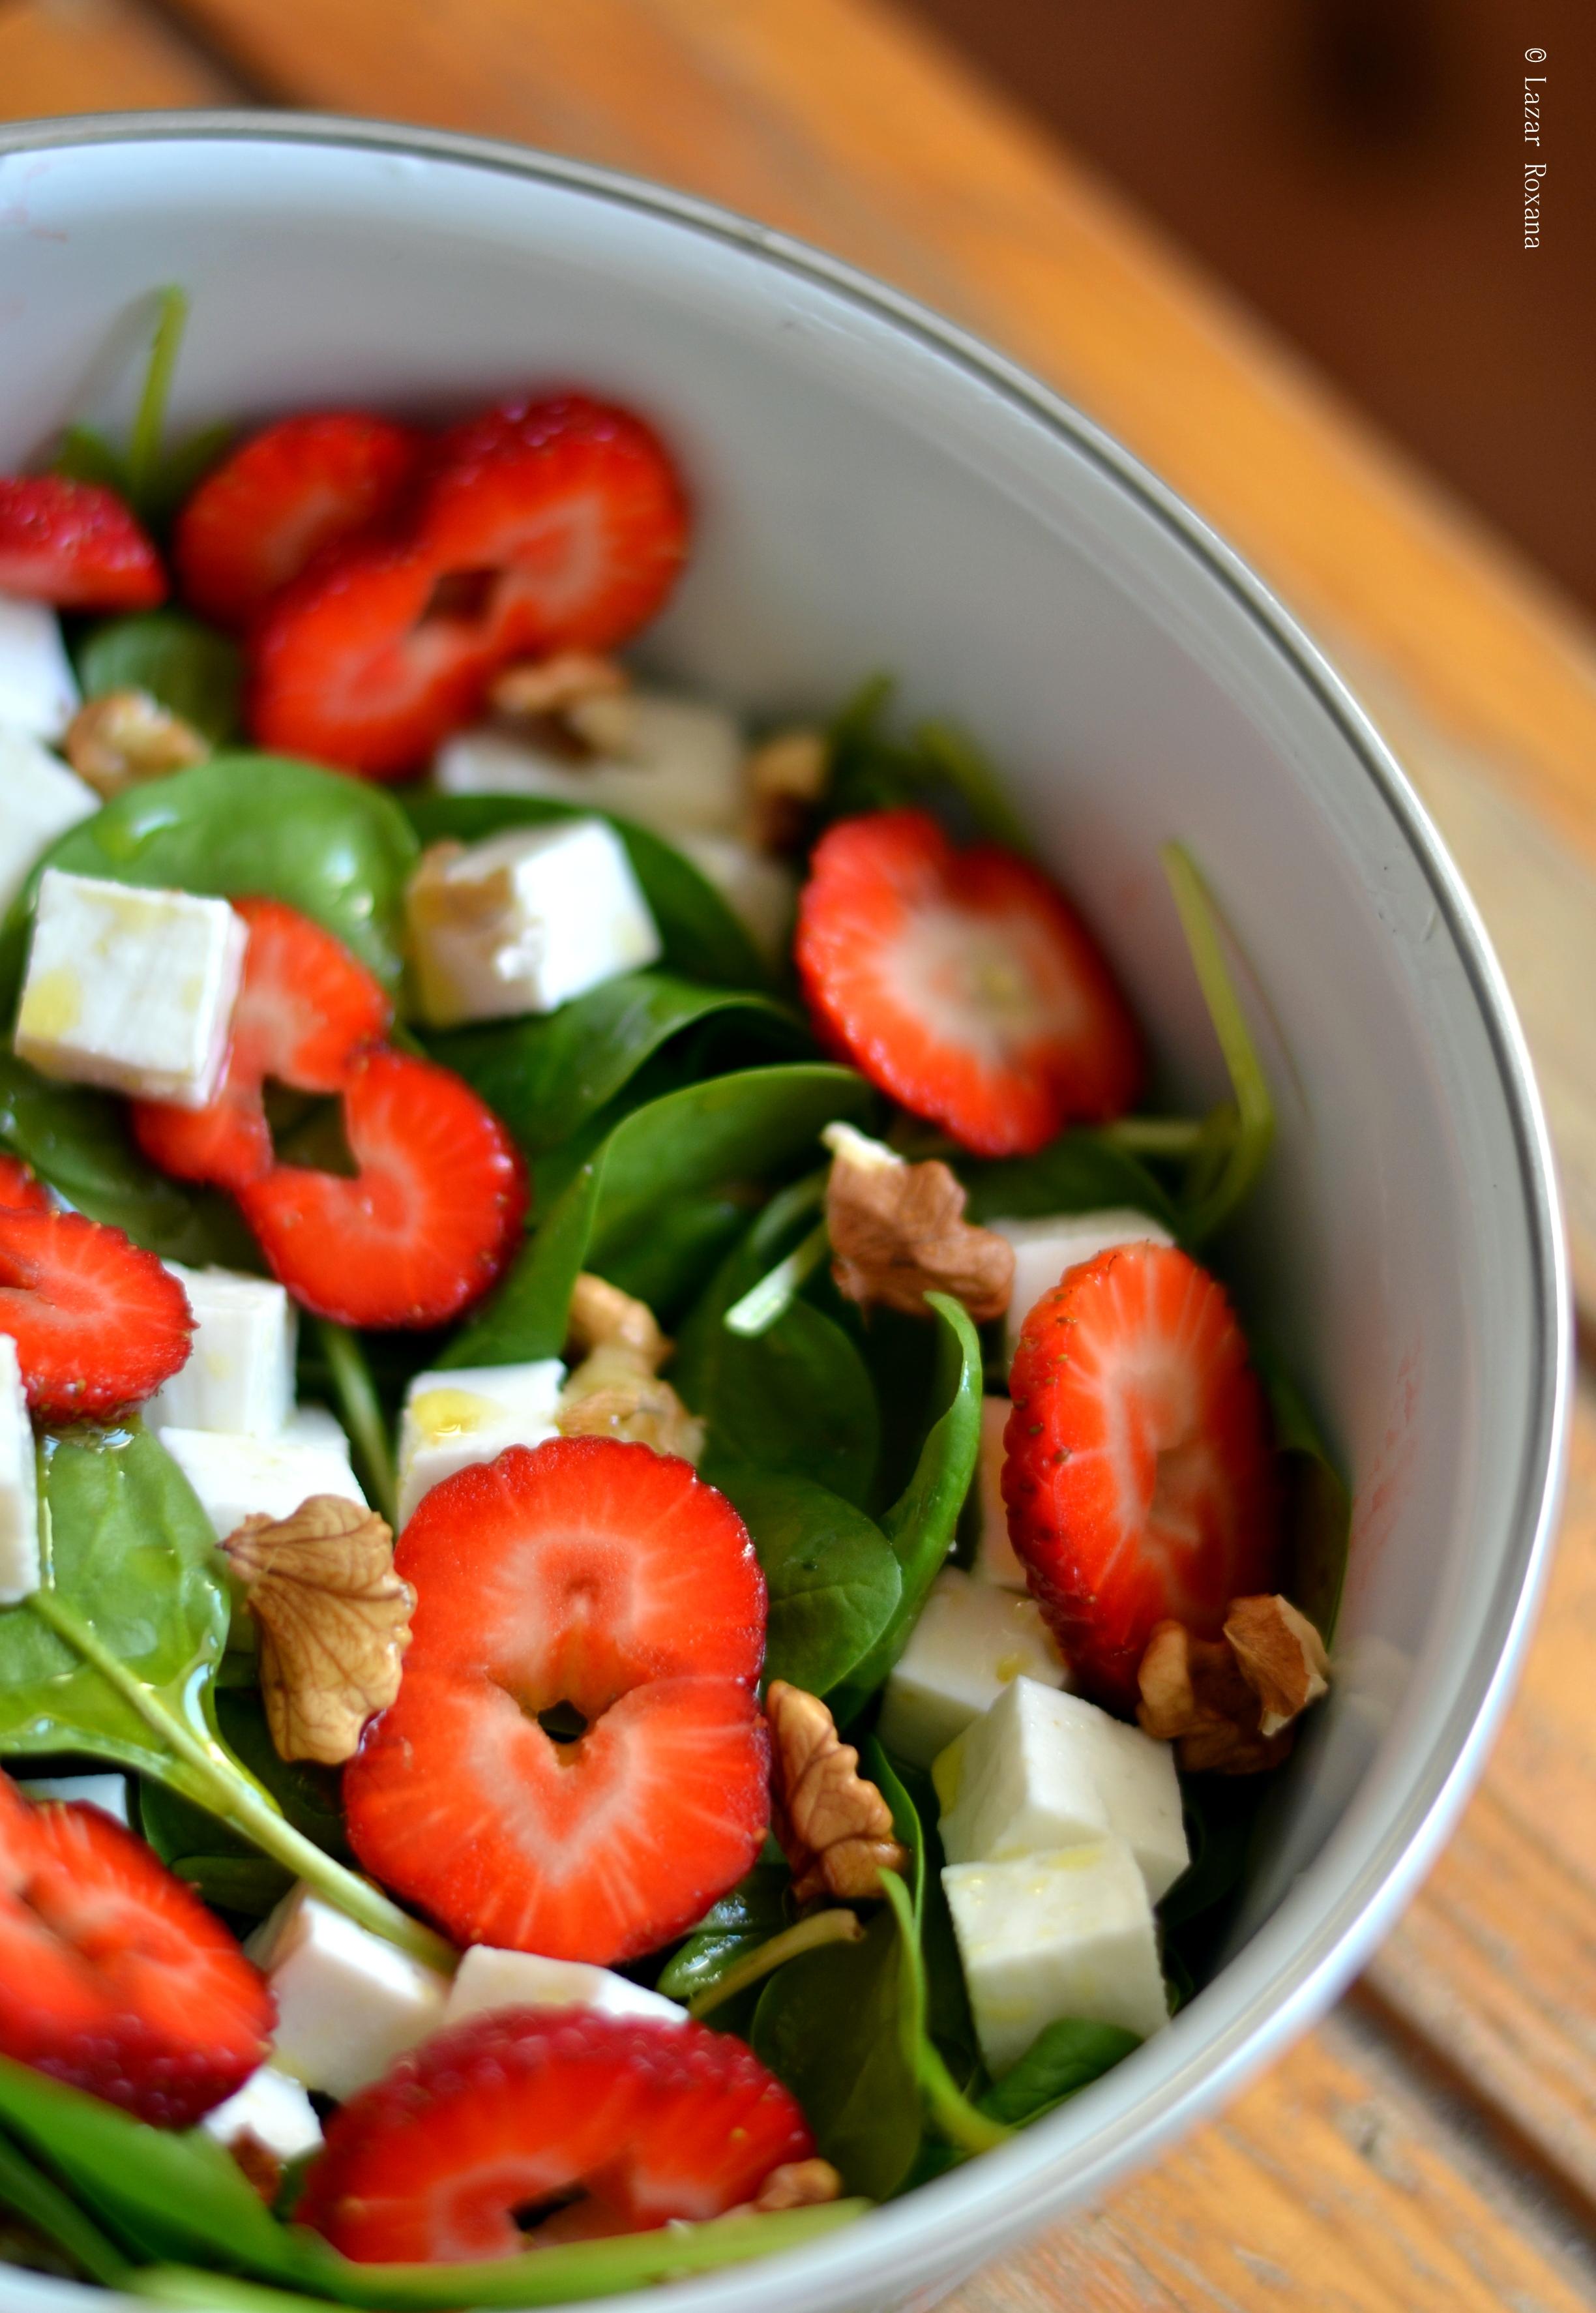 Caserola de serviciu: salata de spanac, capsuni, nuci si telemea de capra